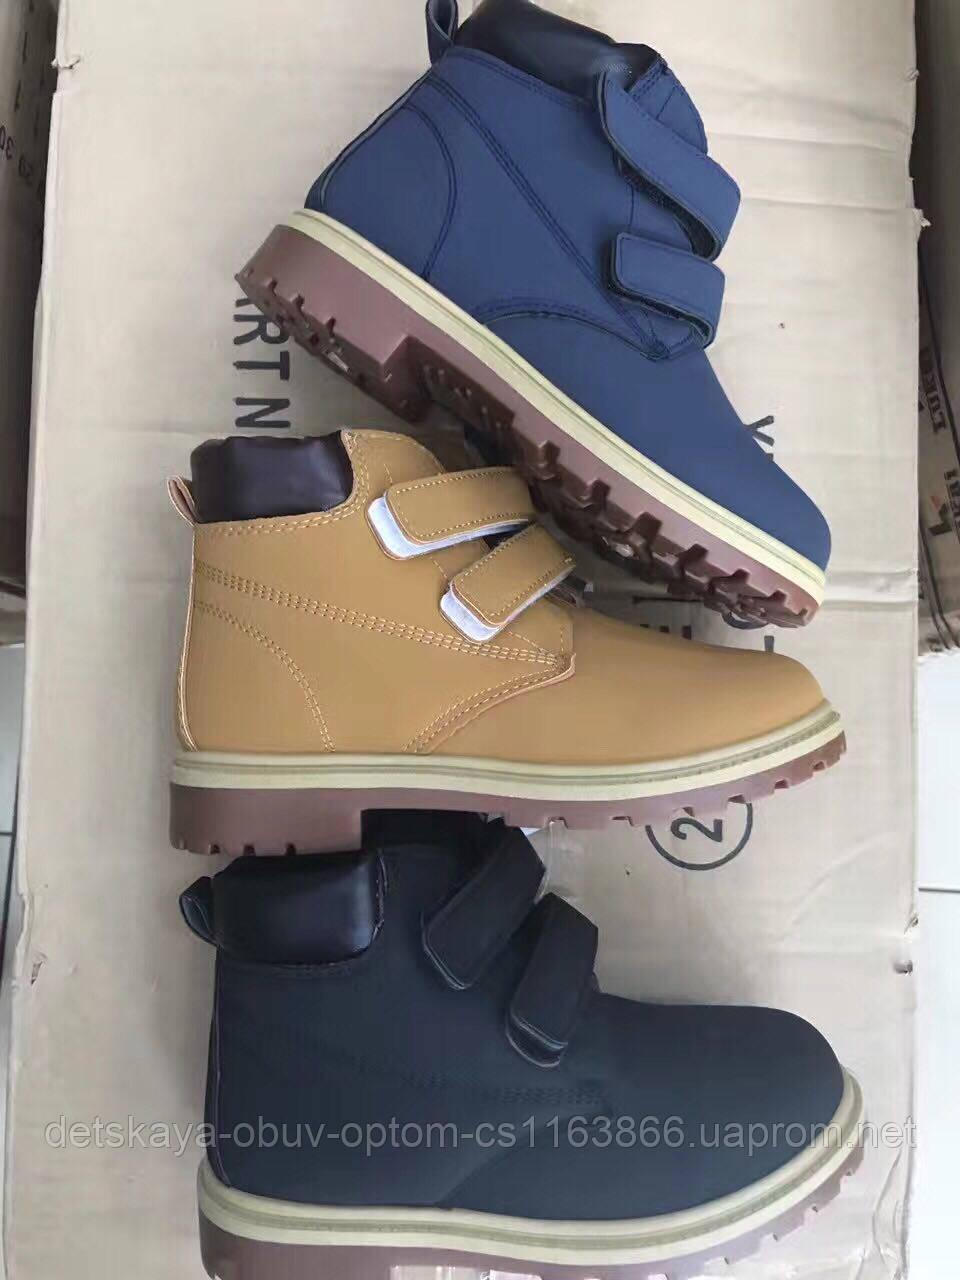 5bcbdac21 Детские зимние ботинки на липучках для мальчиков Размеры 26-31 ...